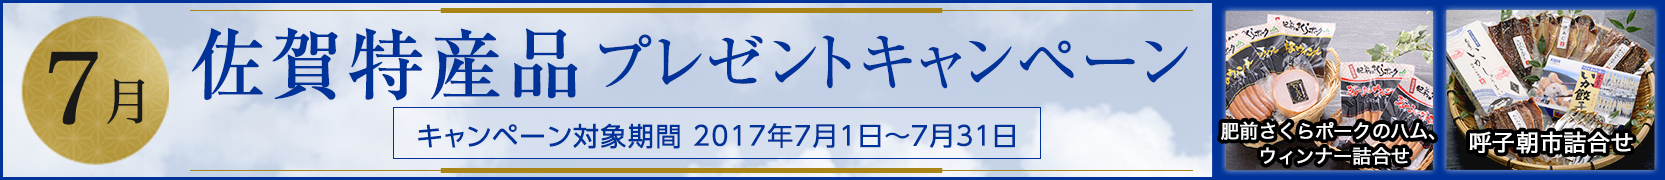 佐賀県特産品プレゼントキャンペーン7月